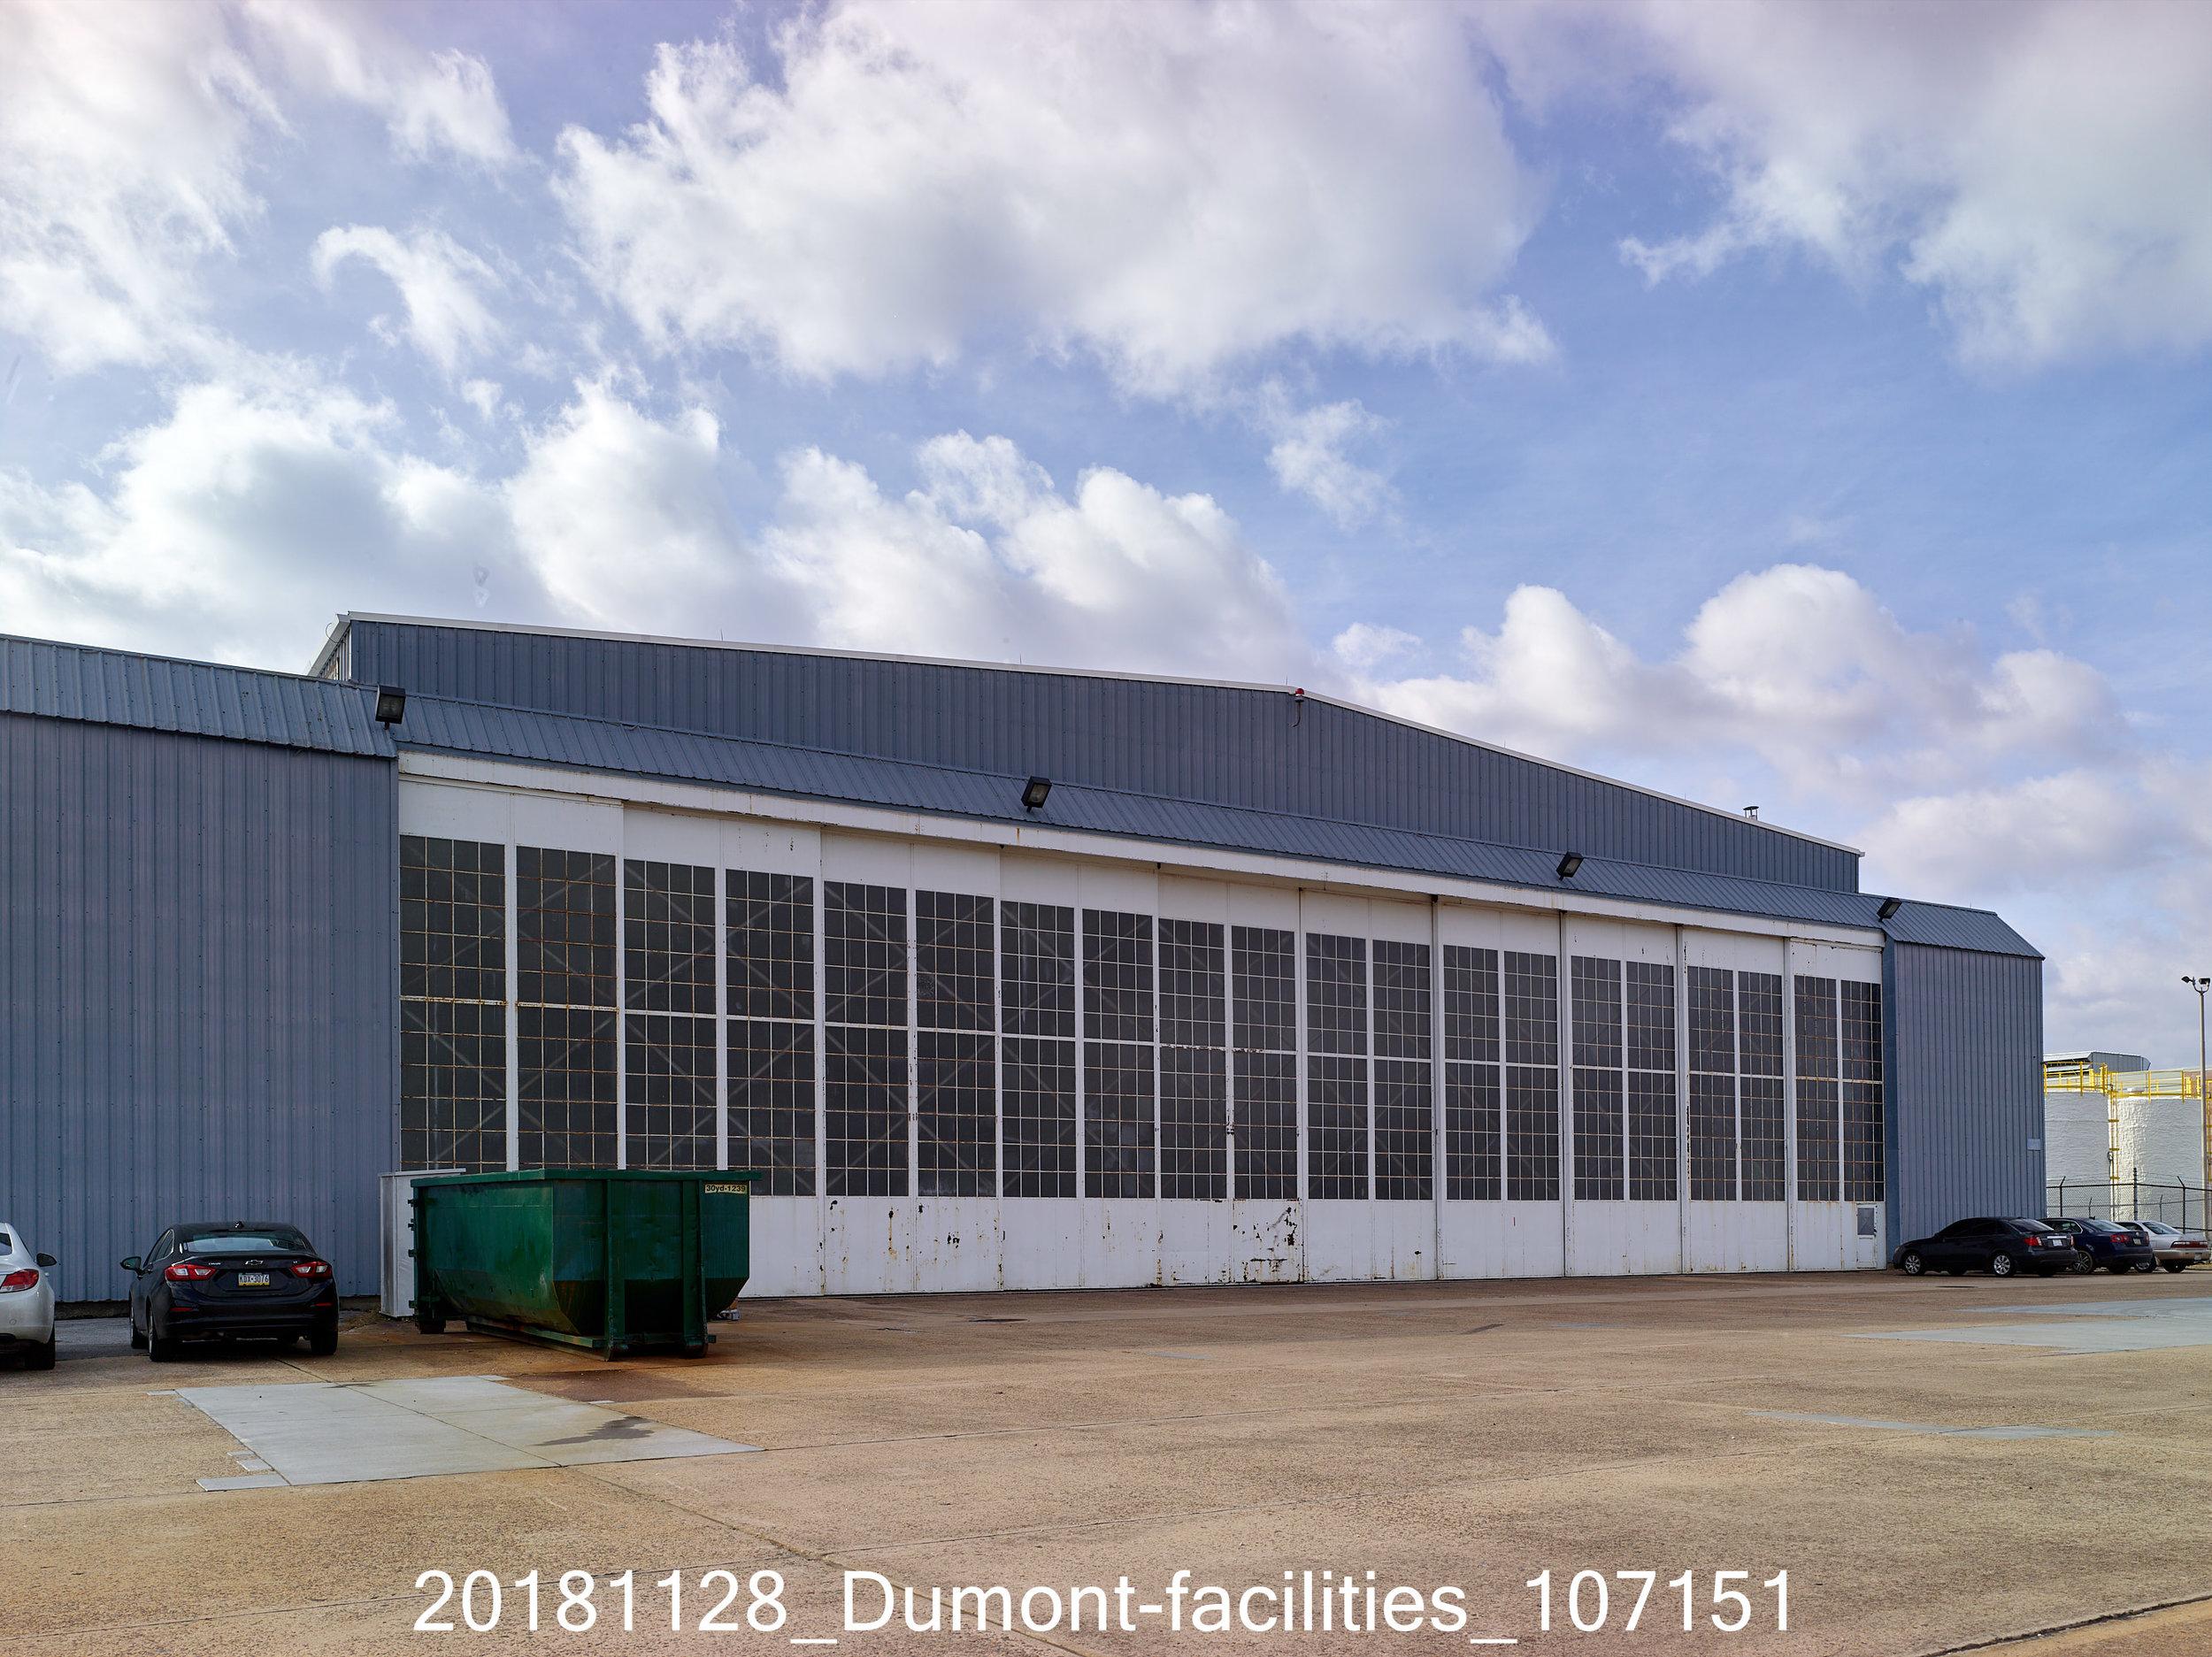 20181128_Dumont-facilities_107151.jpg